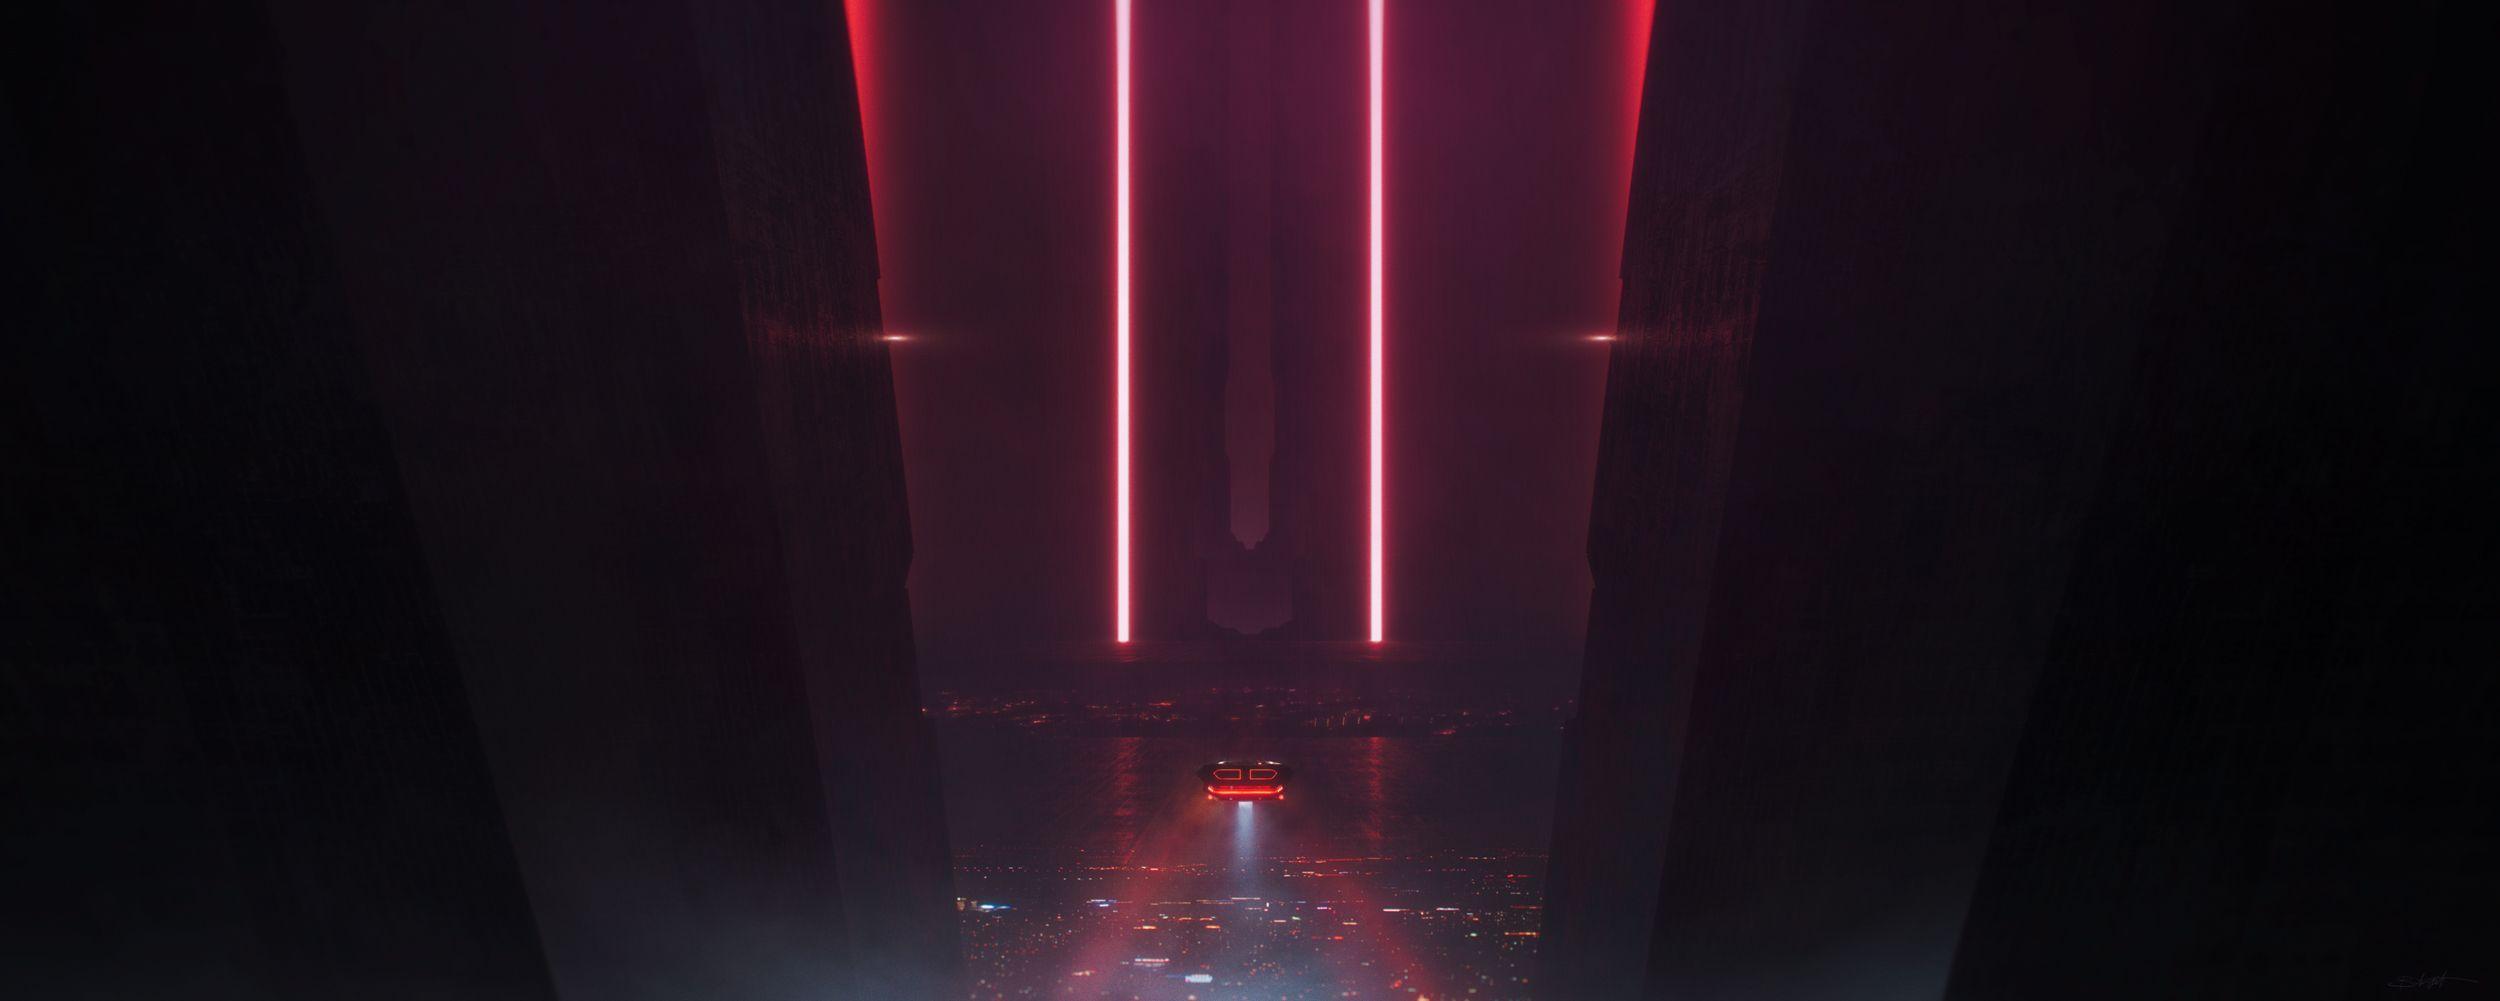 Amazing Blade Runner 2049 Reddit Wallpaper Phone Blade Runner